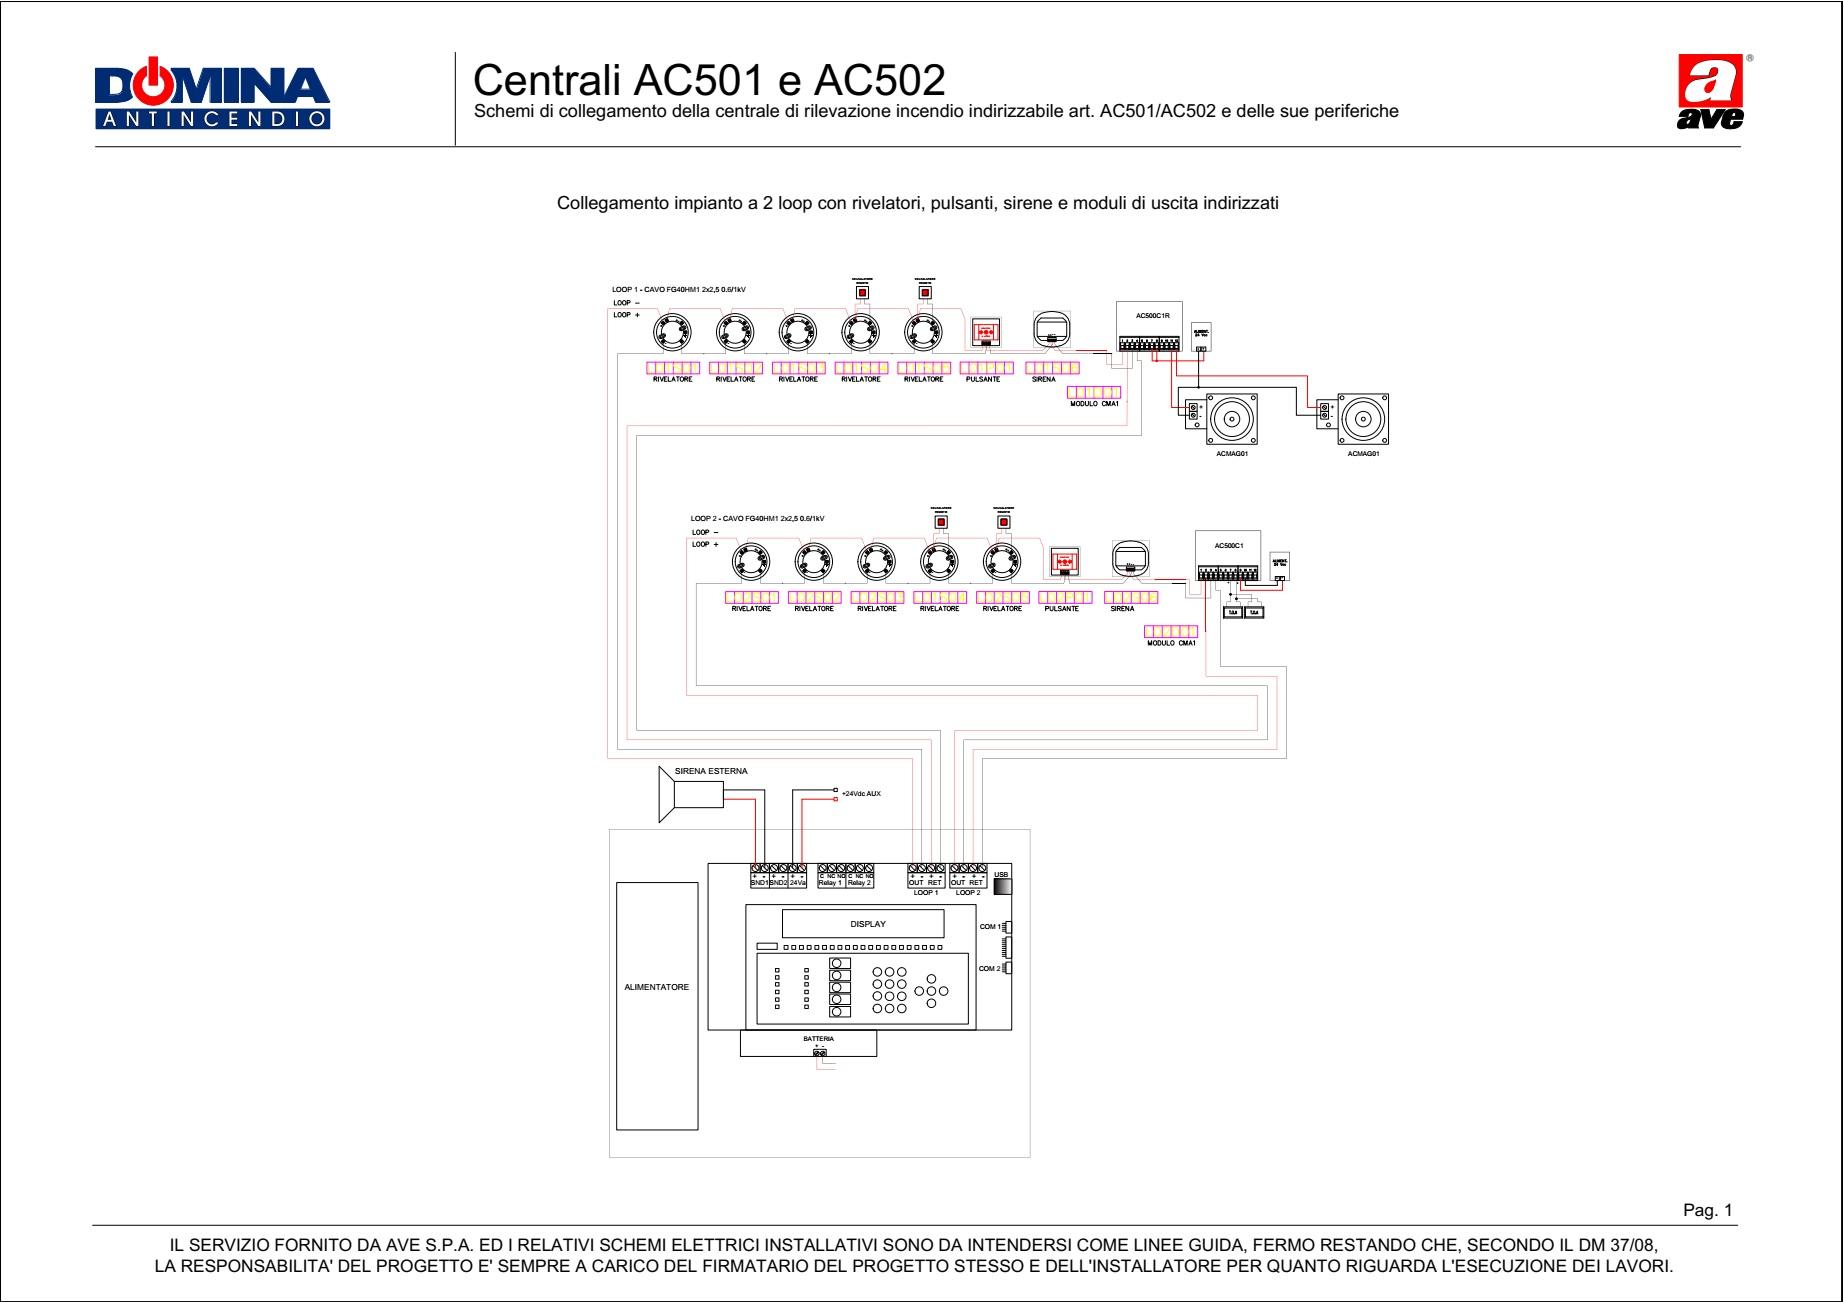 Centrali AC501 e AC502